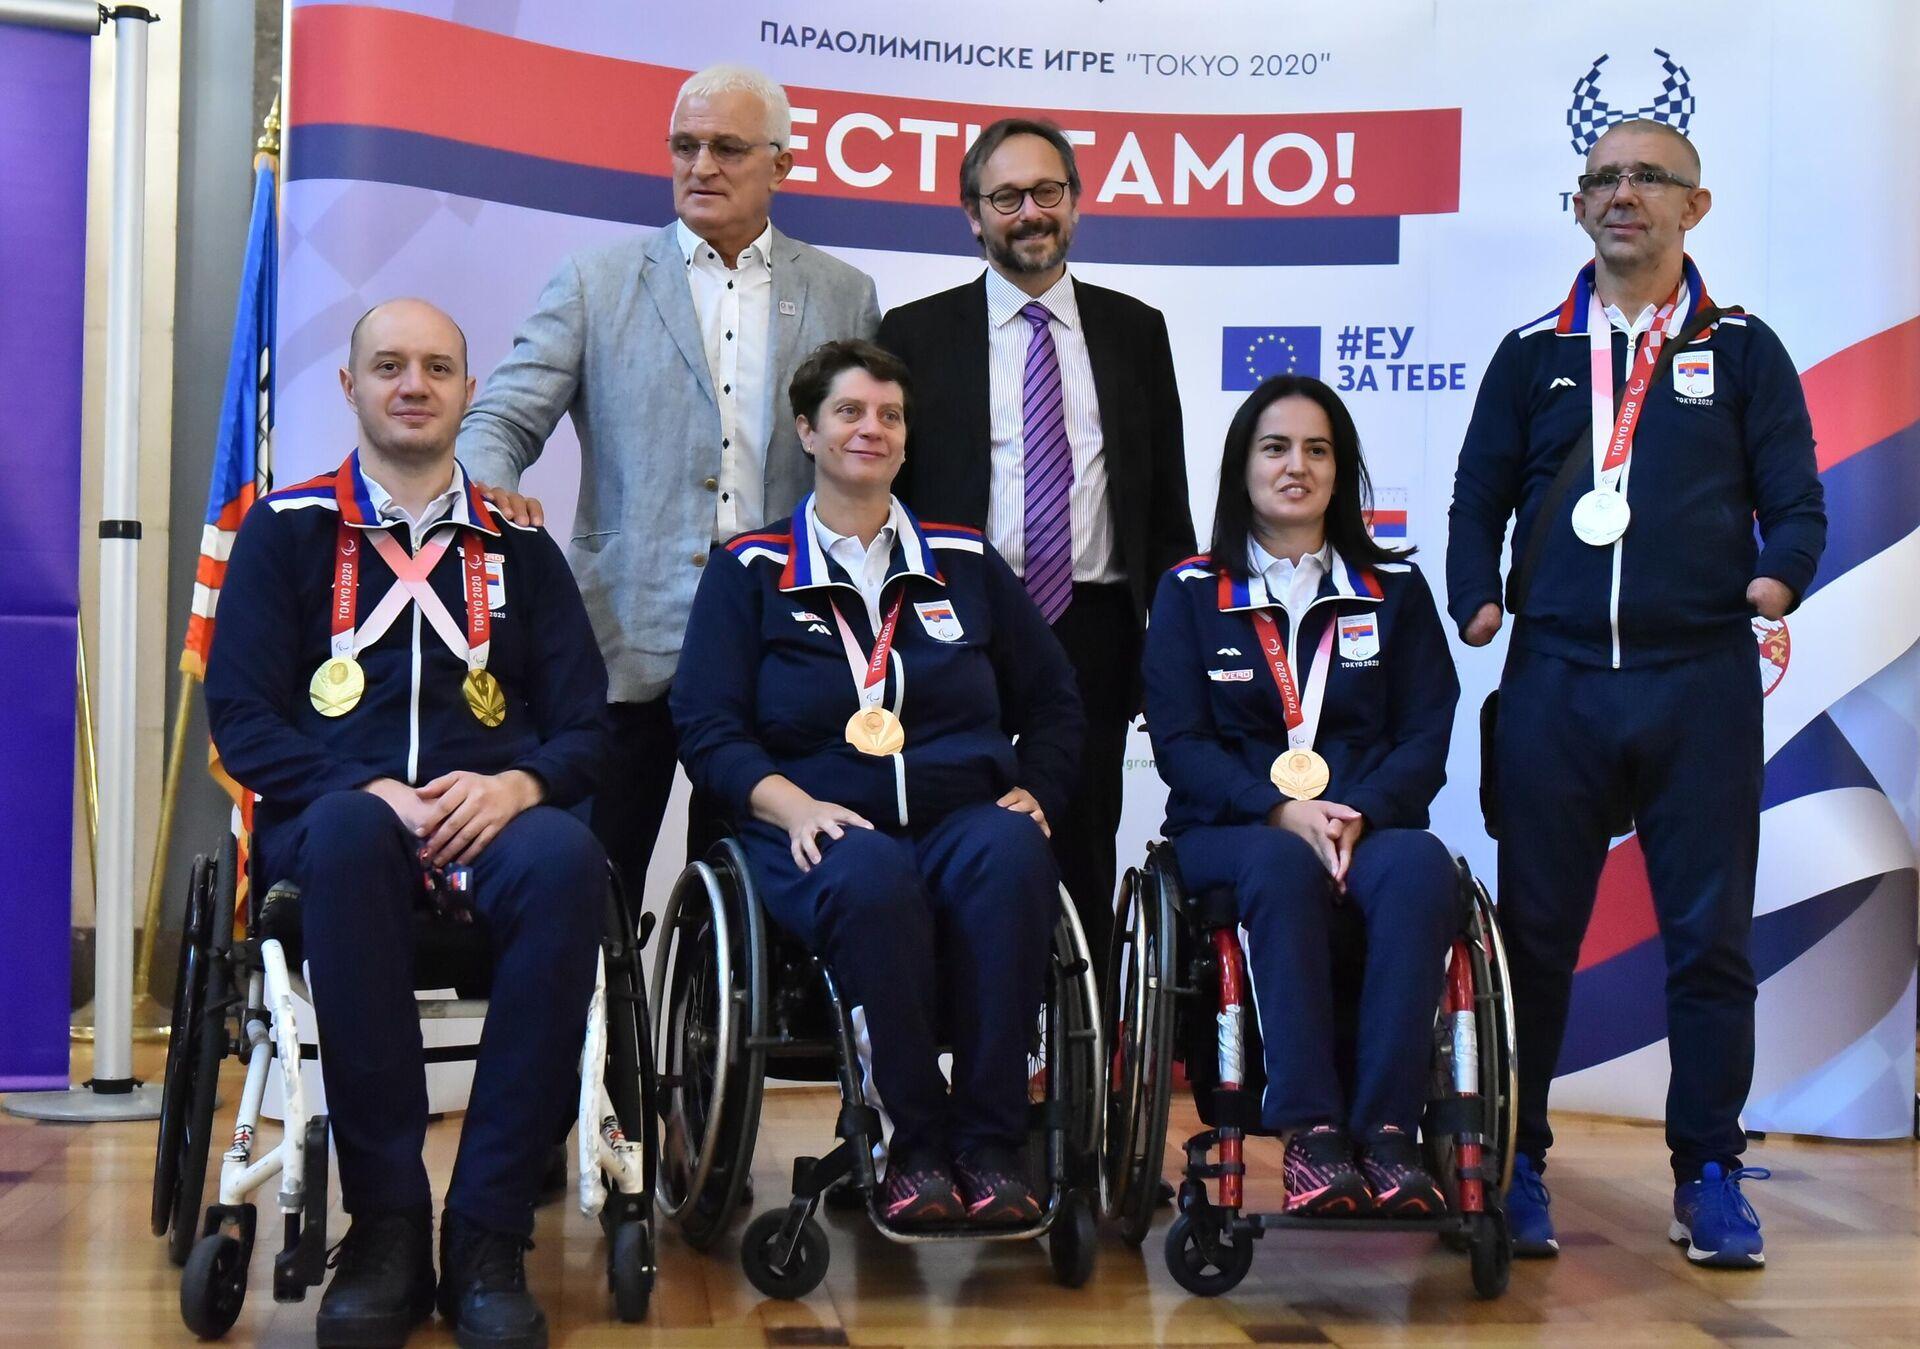 Paraolimpijci svečano dočekani u Skupštini grada - Sputnik Srbija, 1920, 09.09.2021